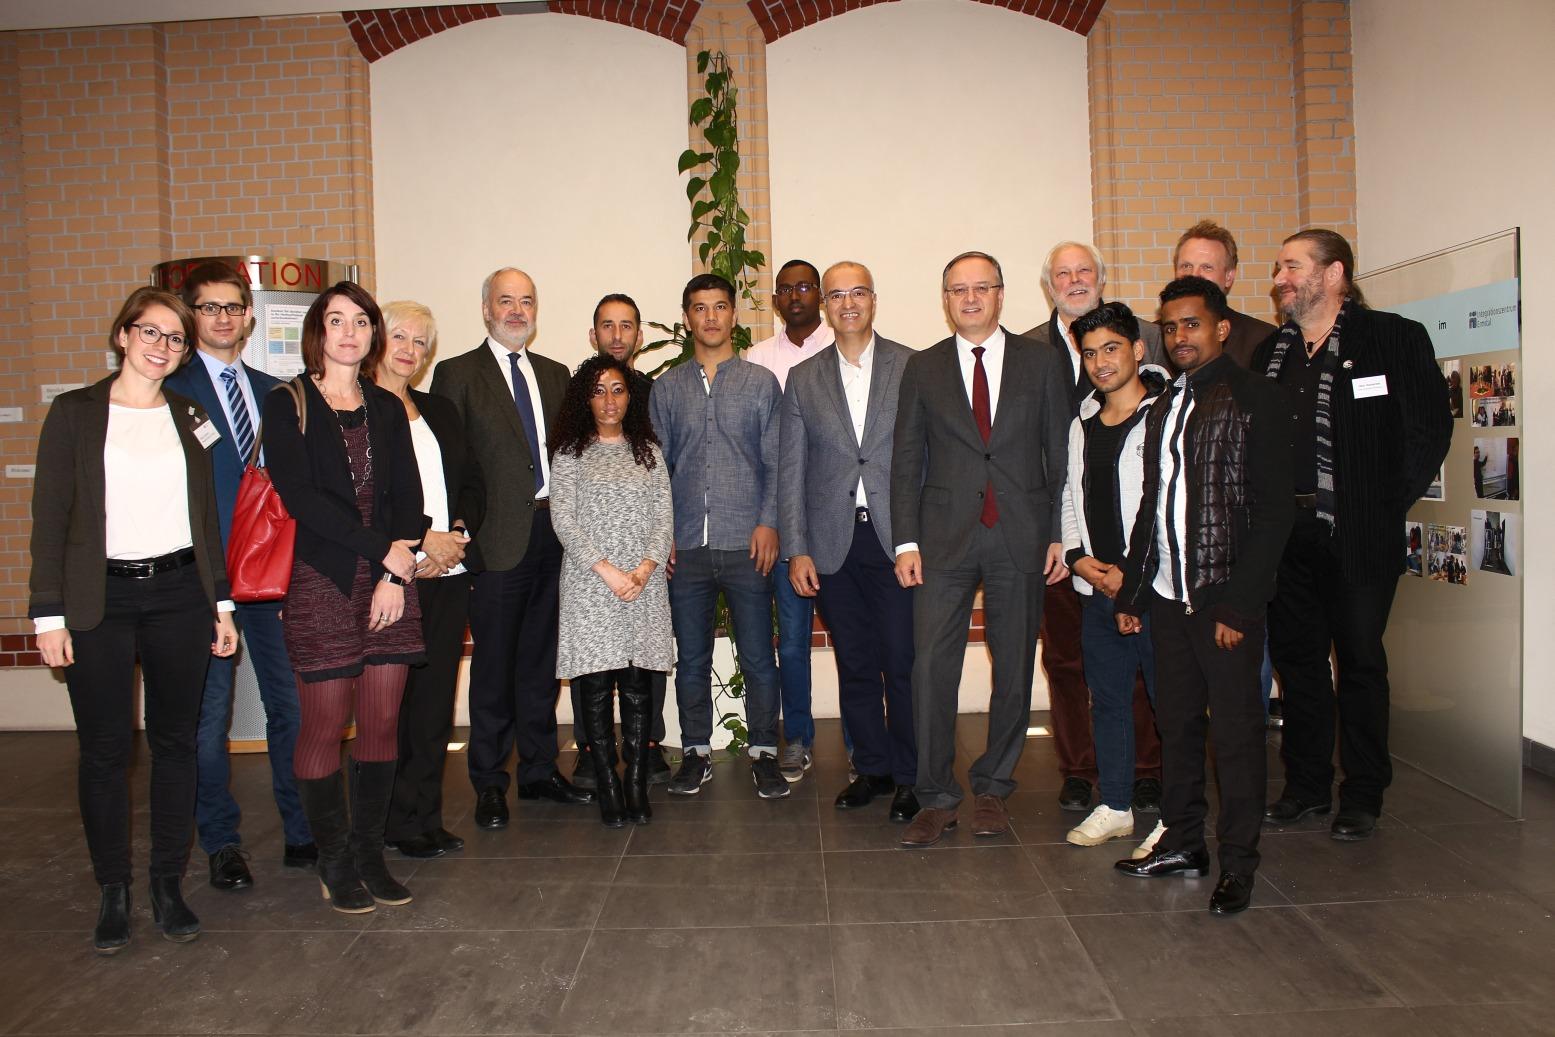 Besuch von Andreas Stoch im Integrationszentrum Dettingen, Bild: Landkreis Reutlingen